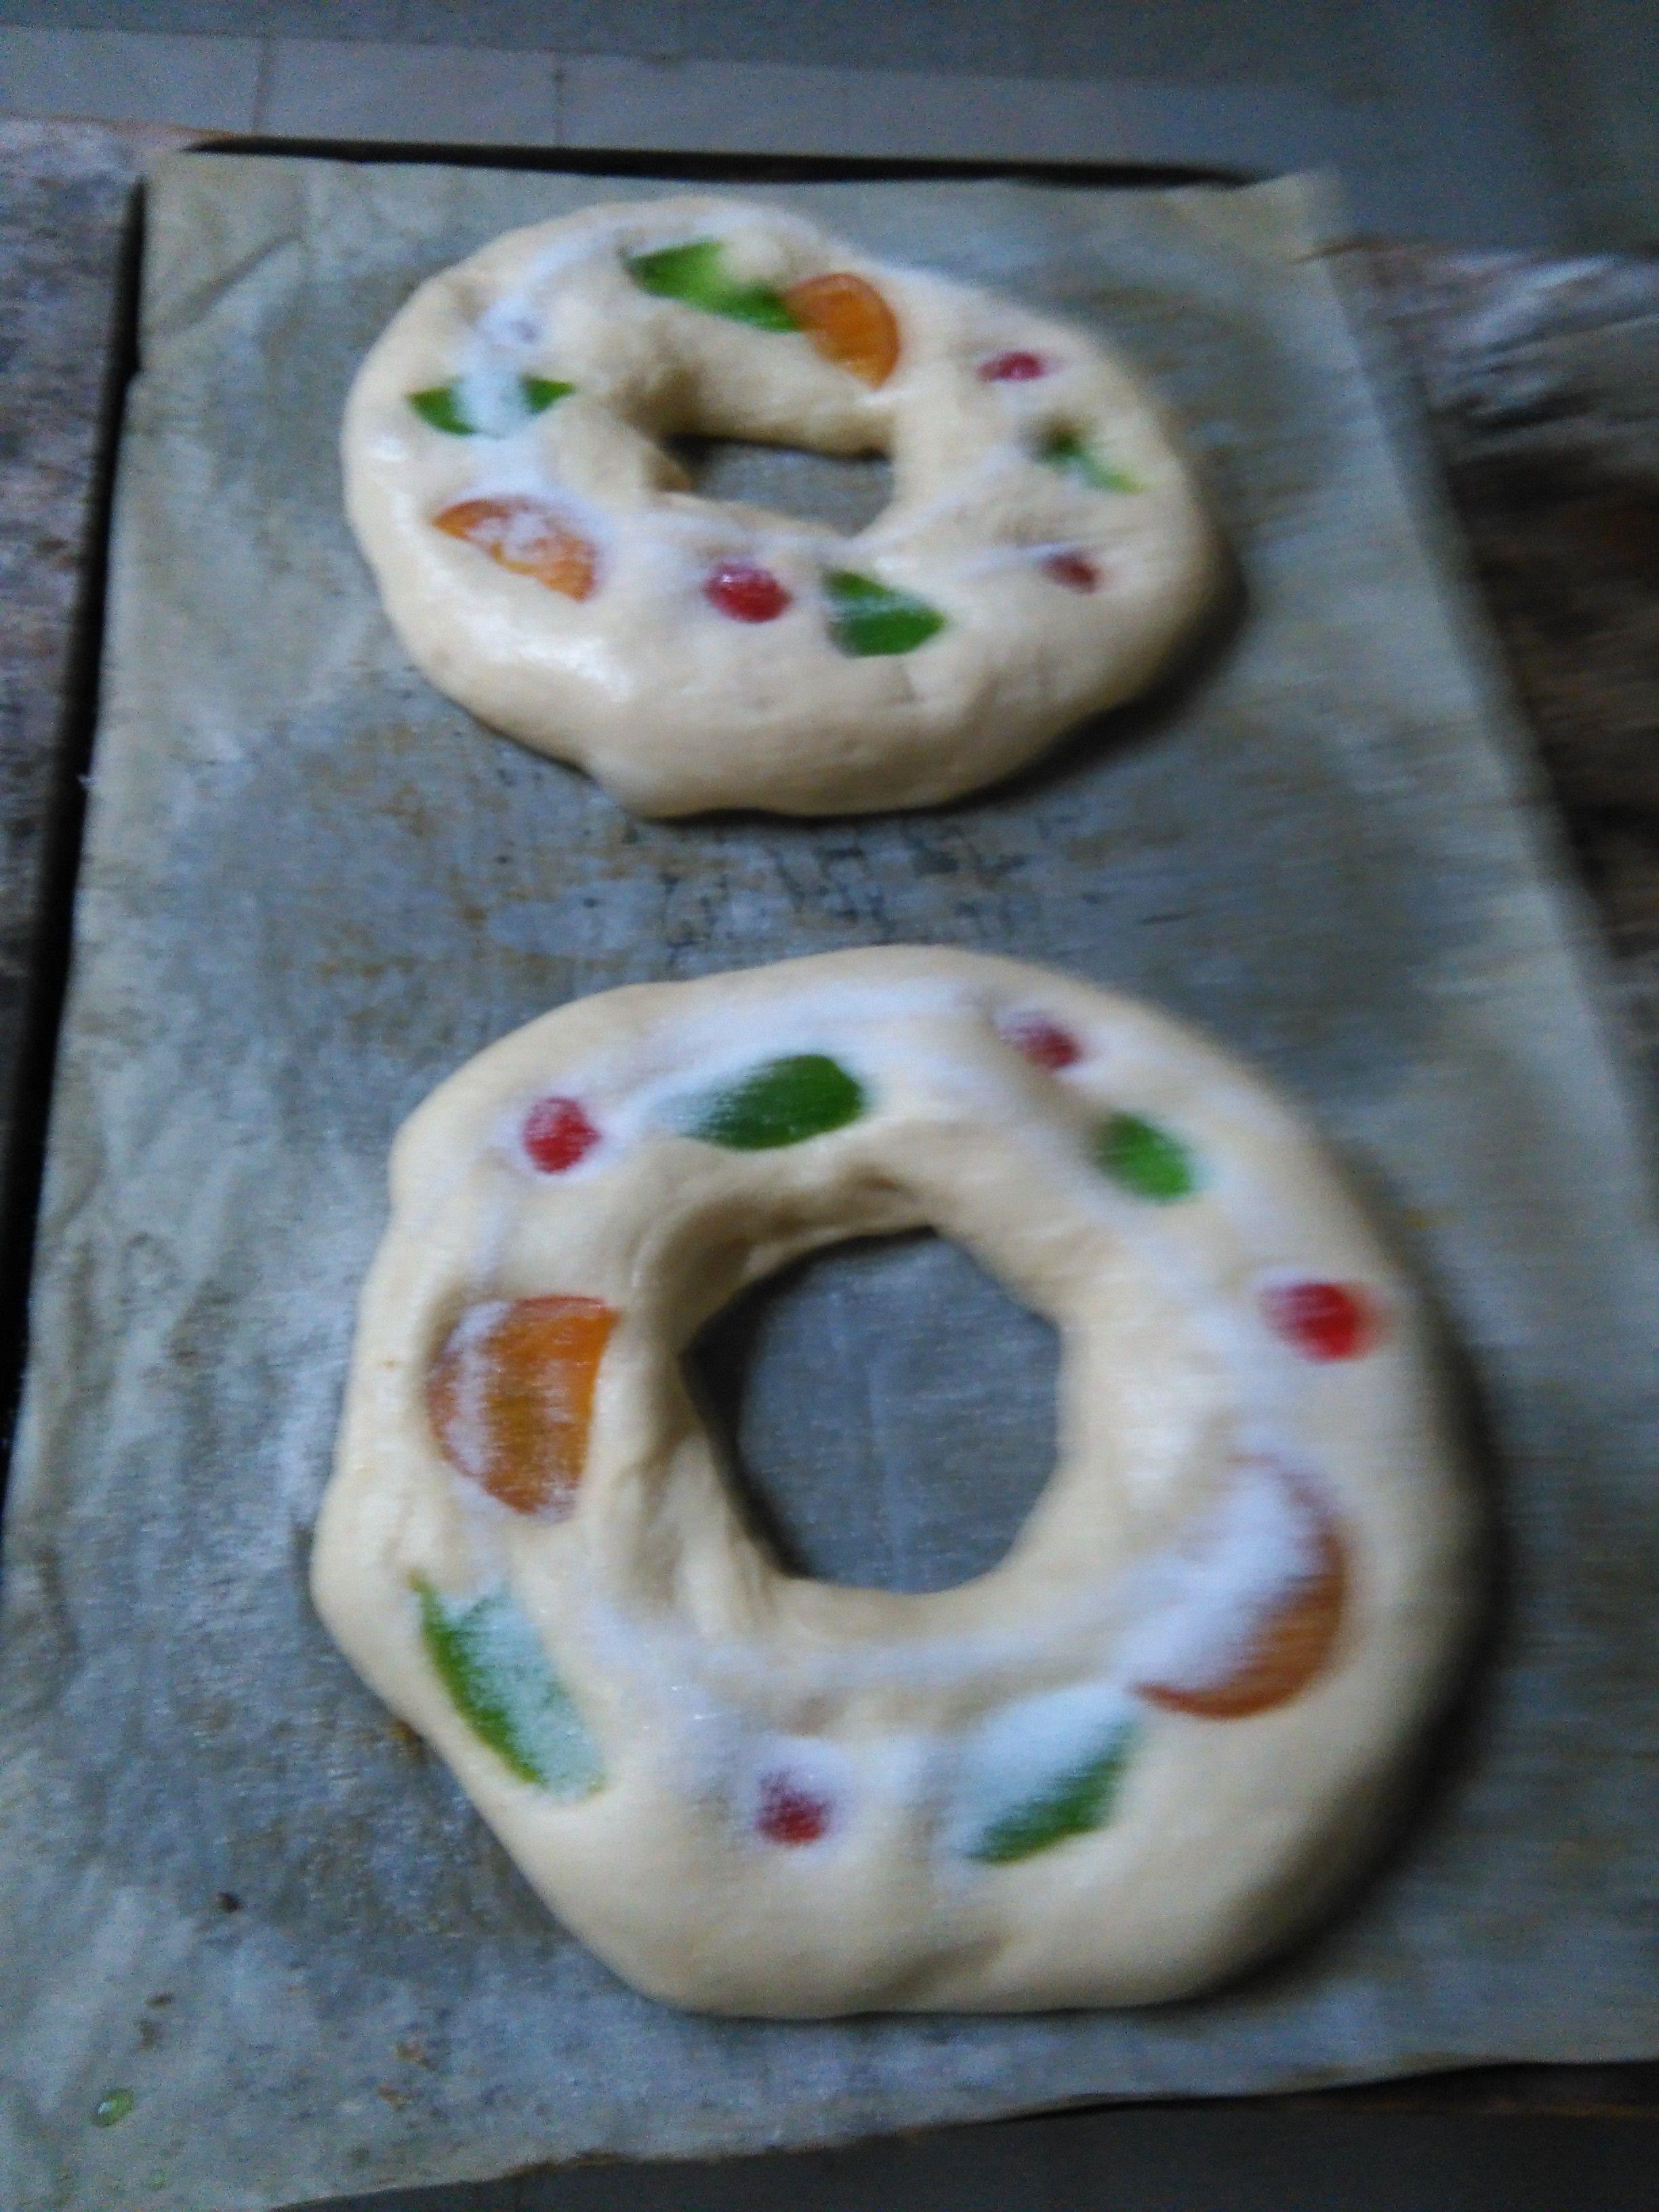 Elaboración artesana de roscones en Colungo